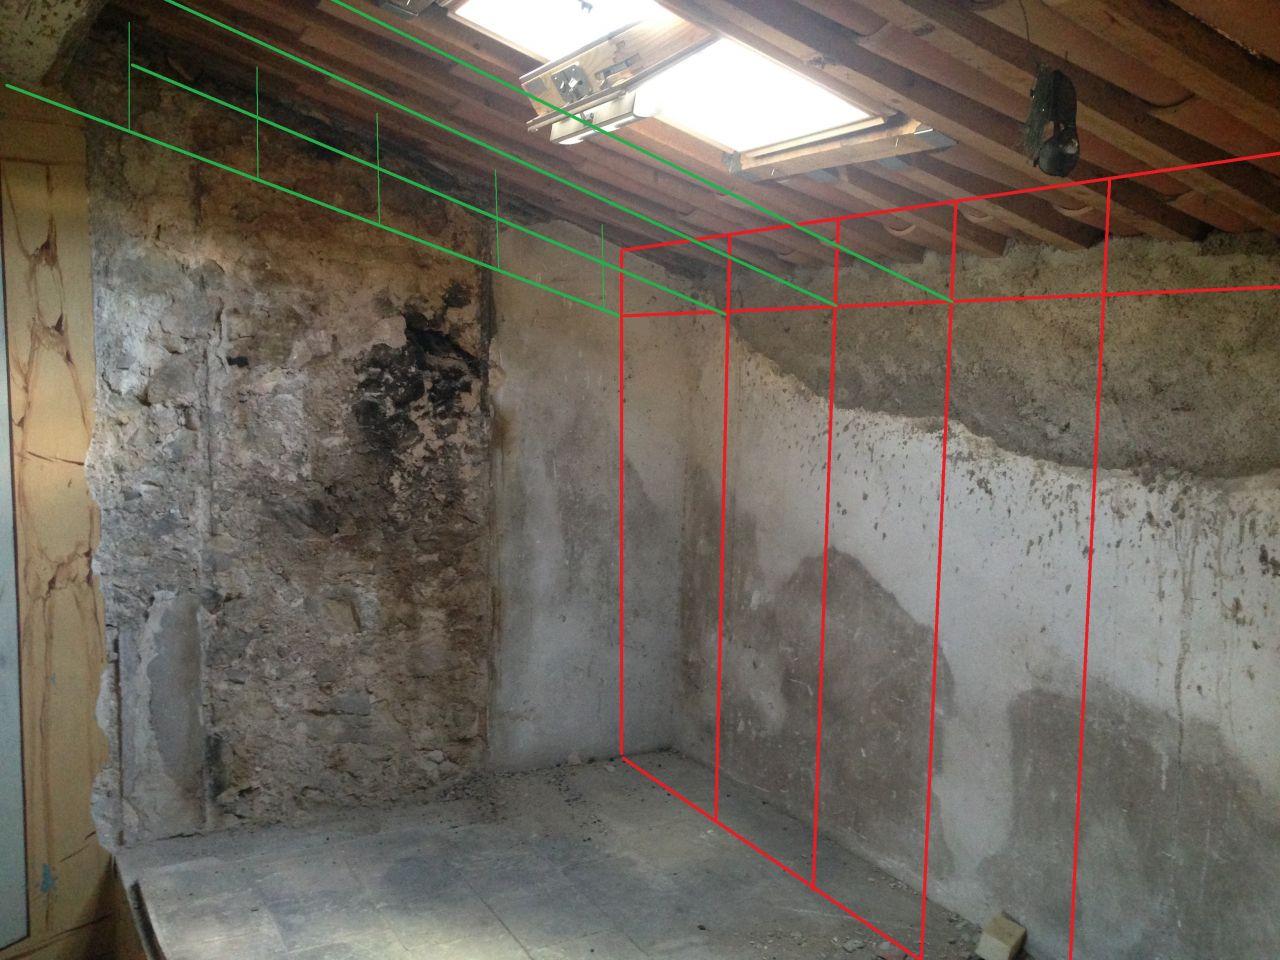 Am nagement du grenier pose des rails 8 messages - Comment poser des rails de placo ...